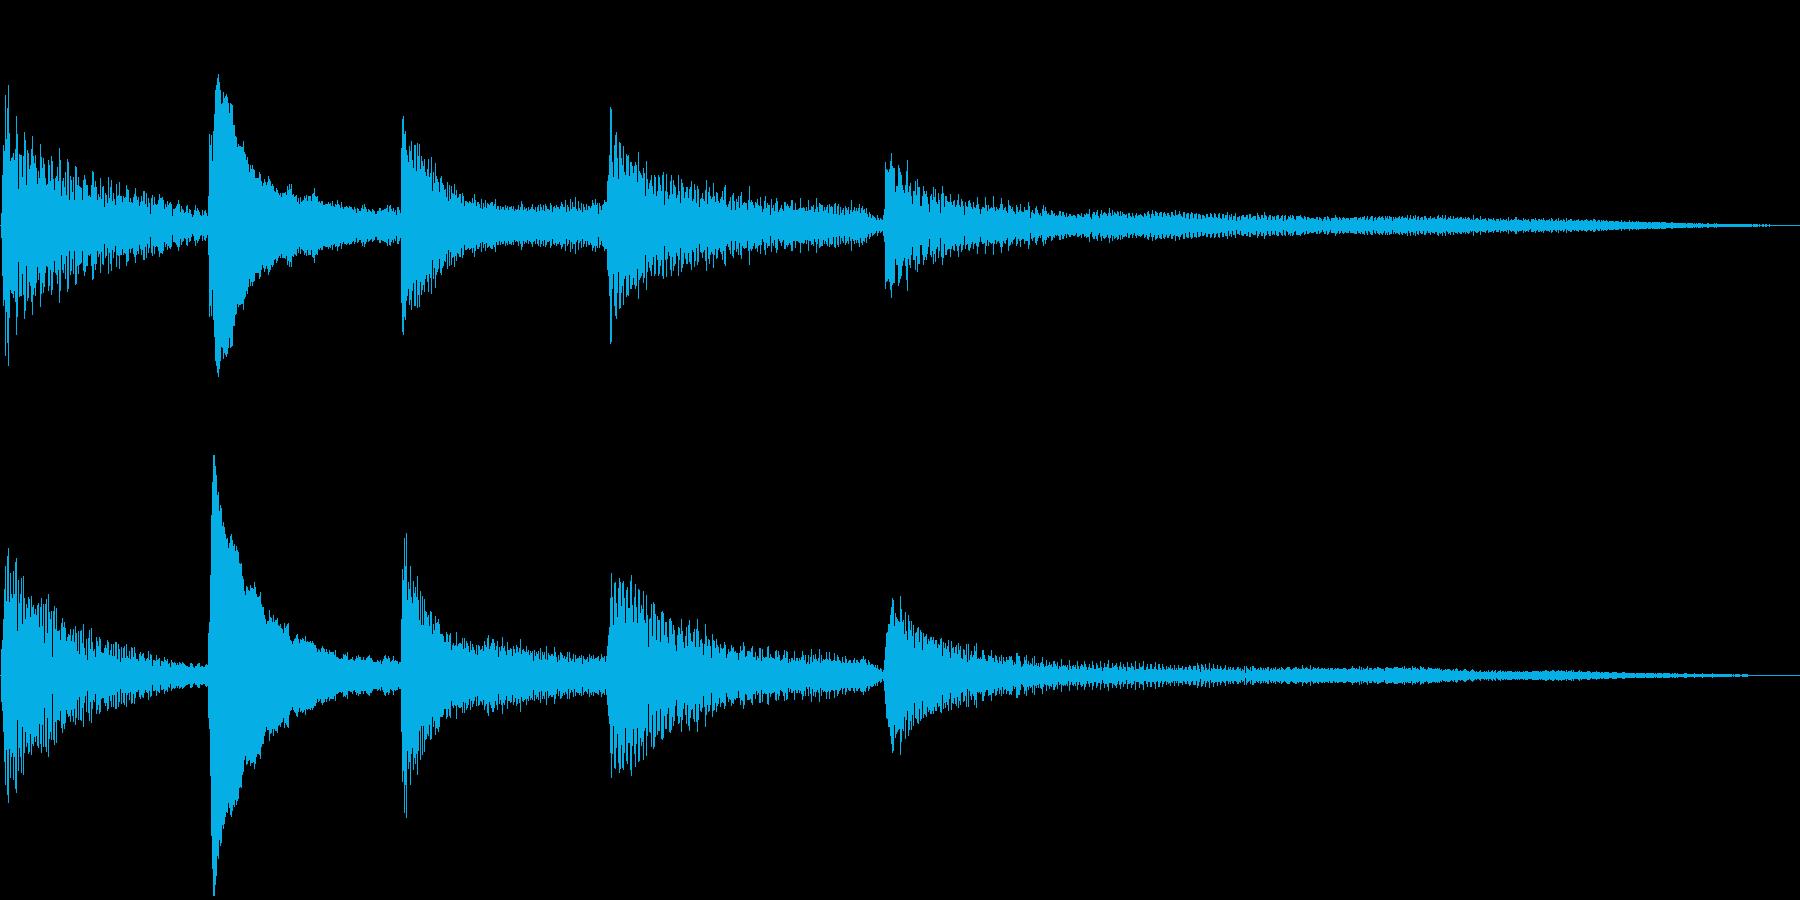 しっとり落ち着いたピアノのジングル10秒の再生済みの波形